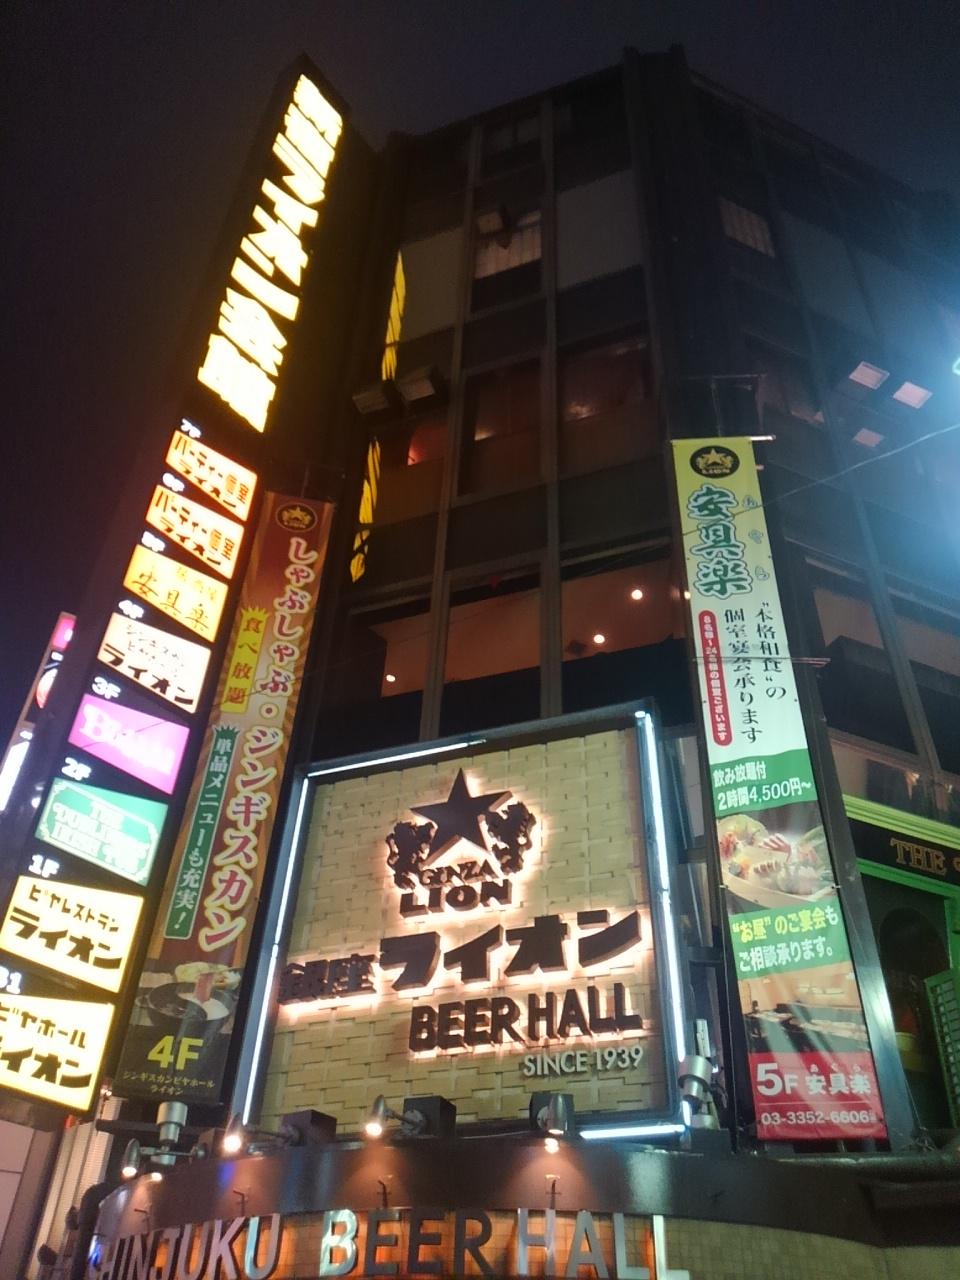 新宿ライオン会館のジンギスカン料理で職場の歓迎会をしてもらった